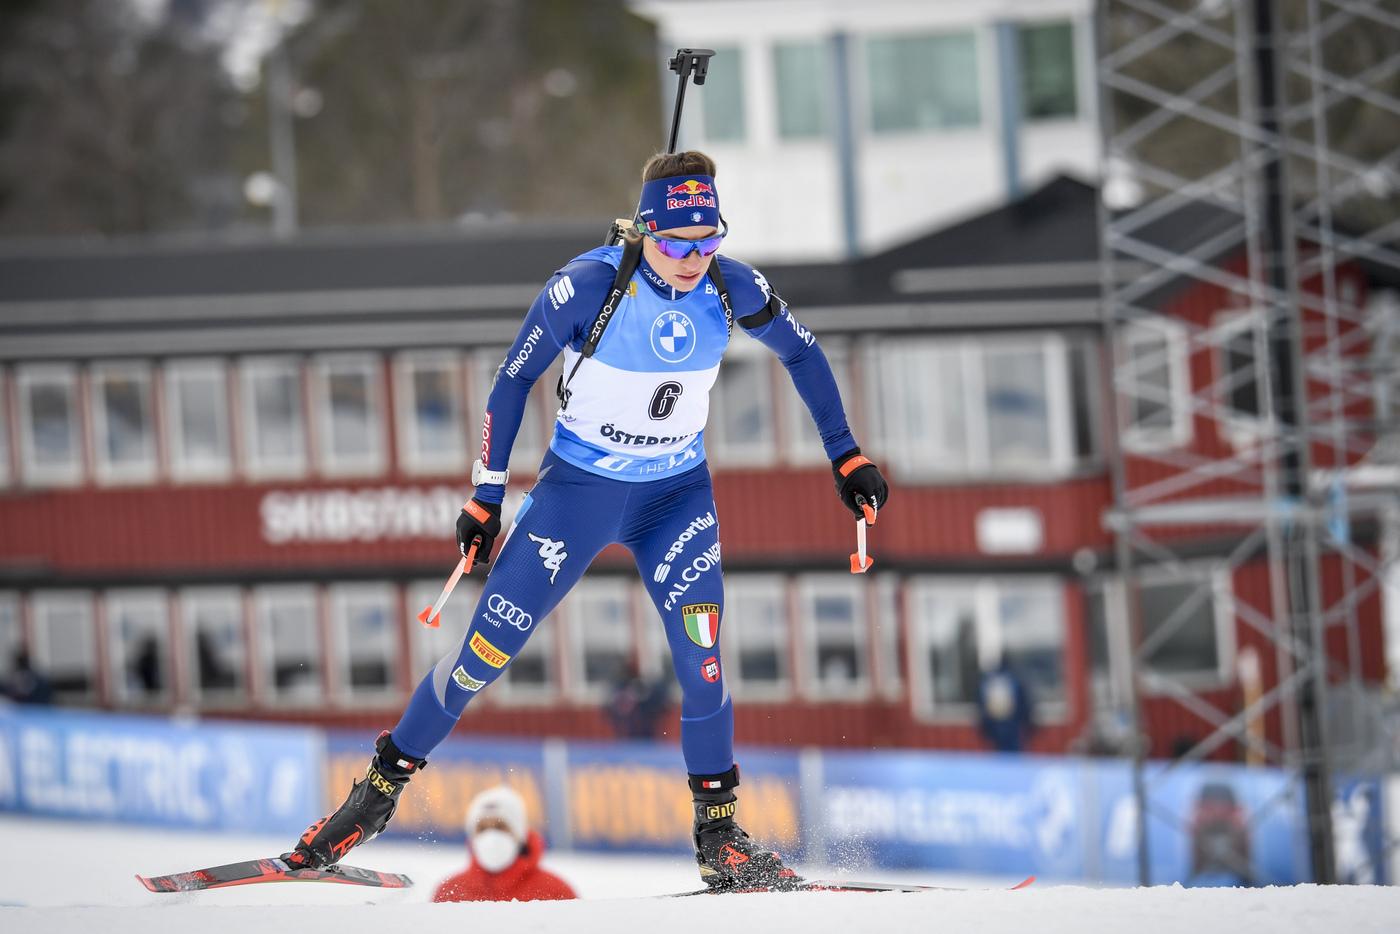 Quando iniziano gli sport invernali? Le date di inizio di sci alpino, biathlon, sci nordico e tutte le discipline